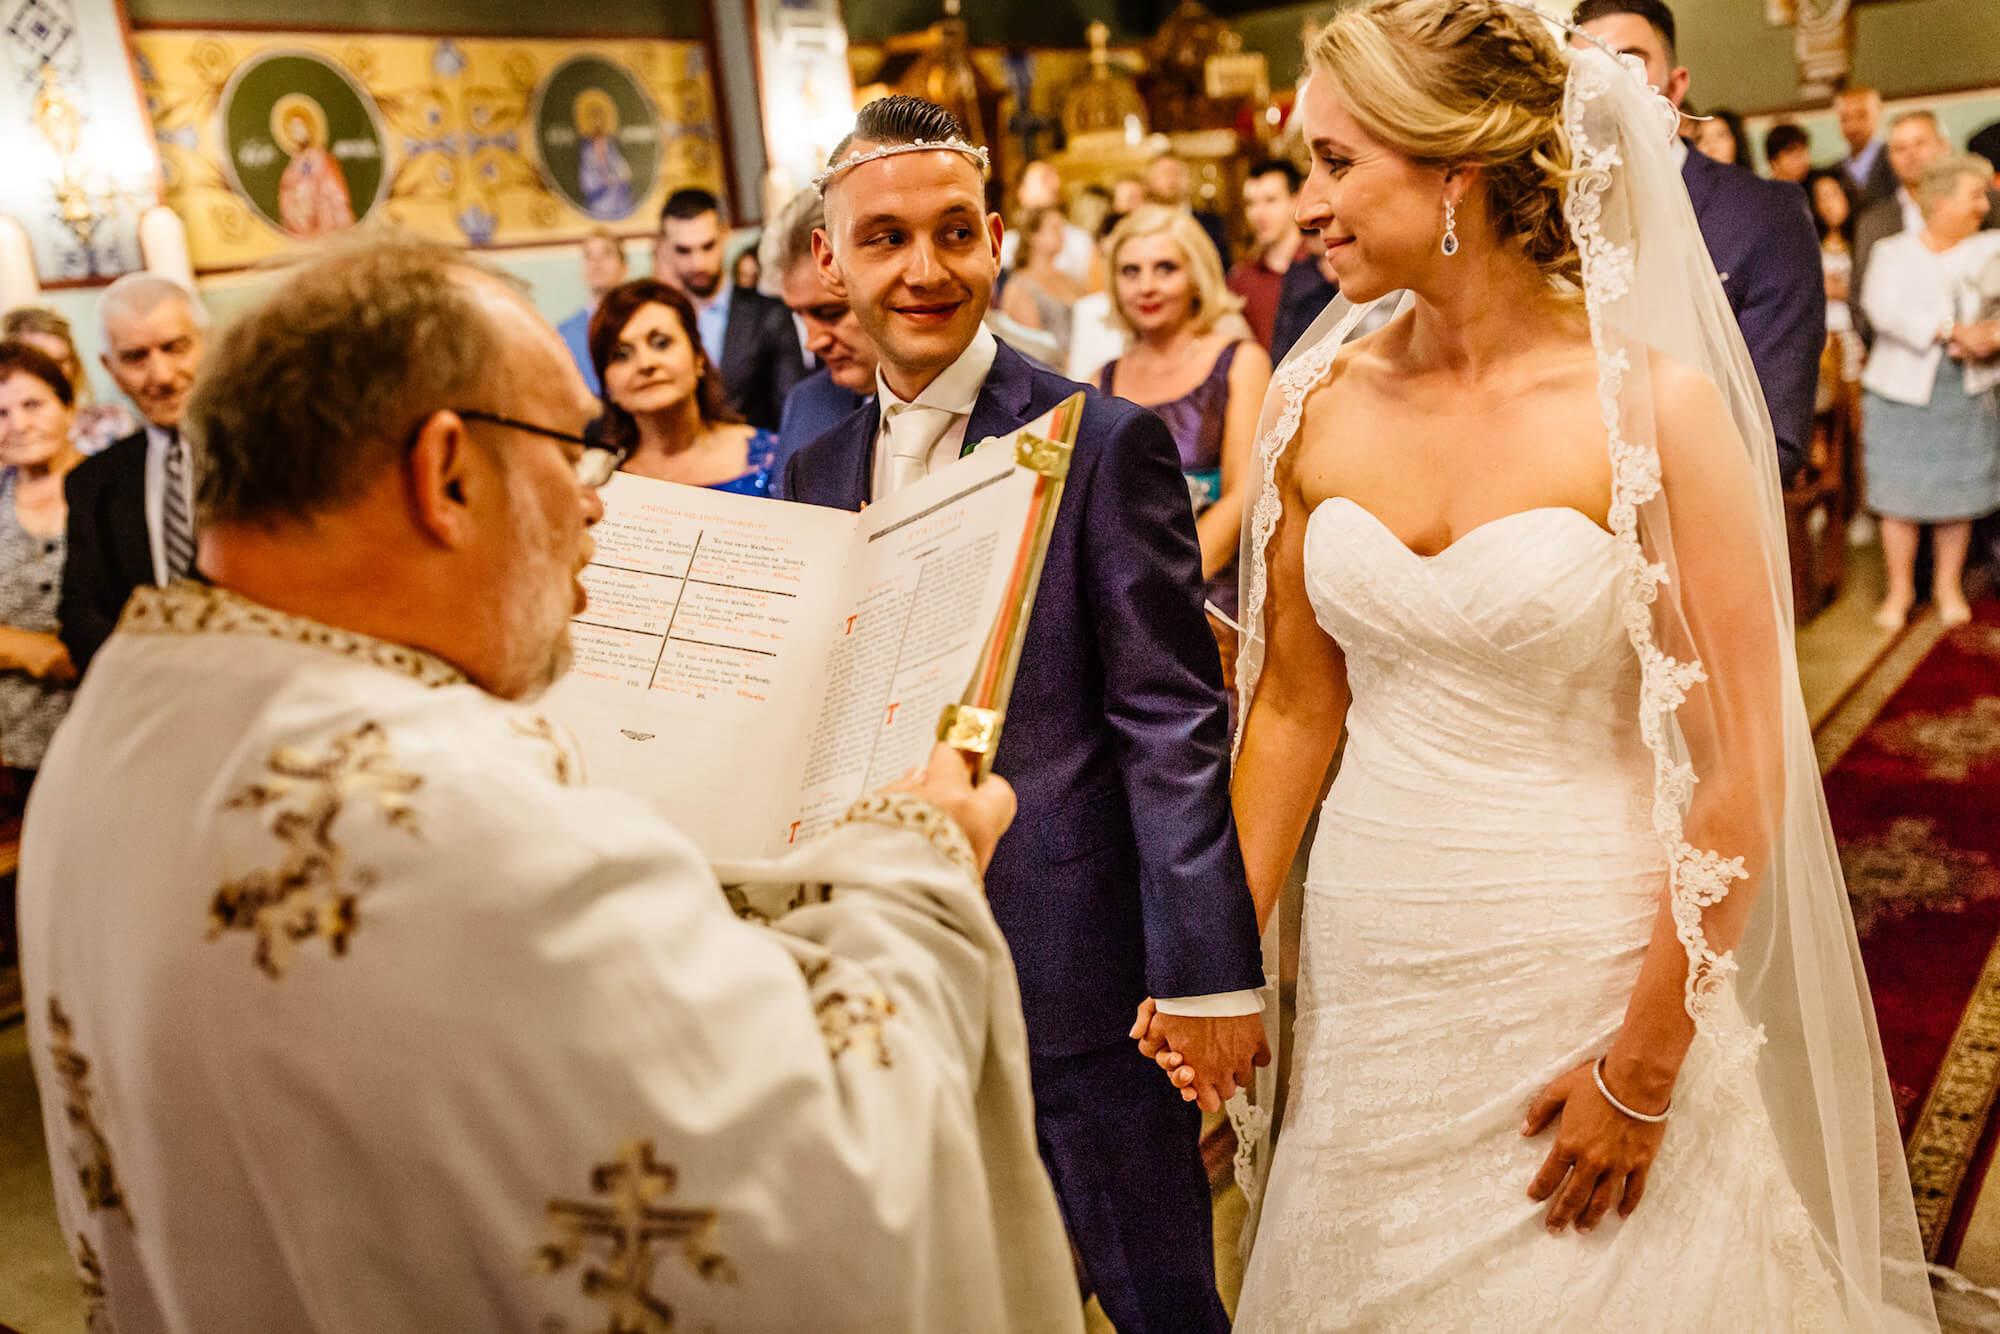 griekse-bruiloft-trouwfotograaf-utrecht-25.jpg